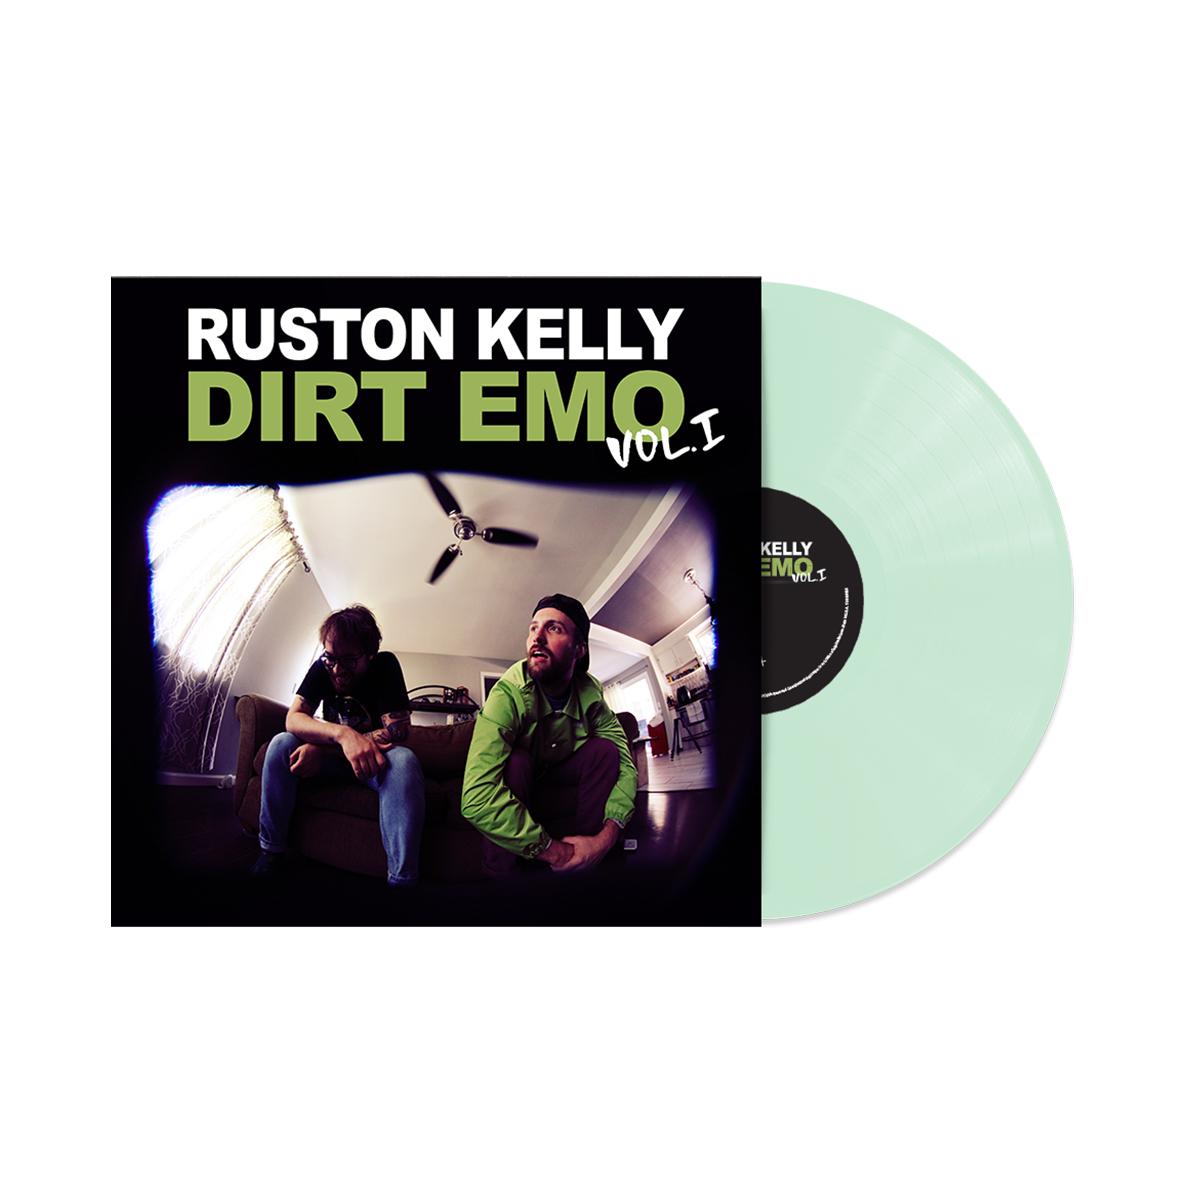 """""""Dirt Emo"""" Cap + """"Dirt Emo"""" Socks + Dirt Emo Vol 1. Glow-in-the-dark Vinyl or download (optional)"""